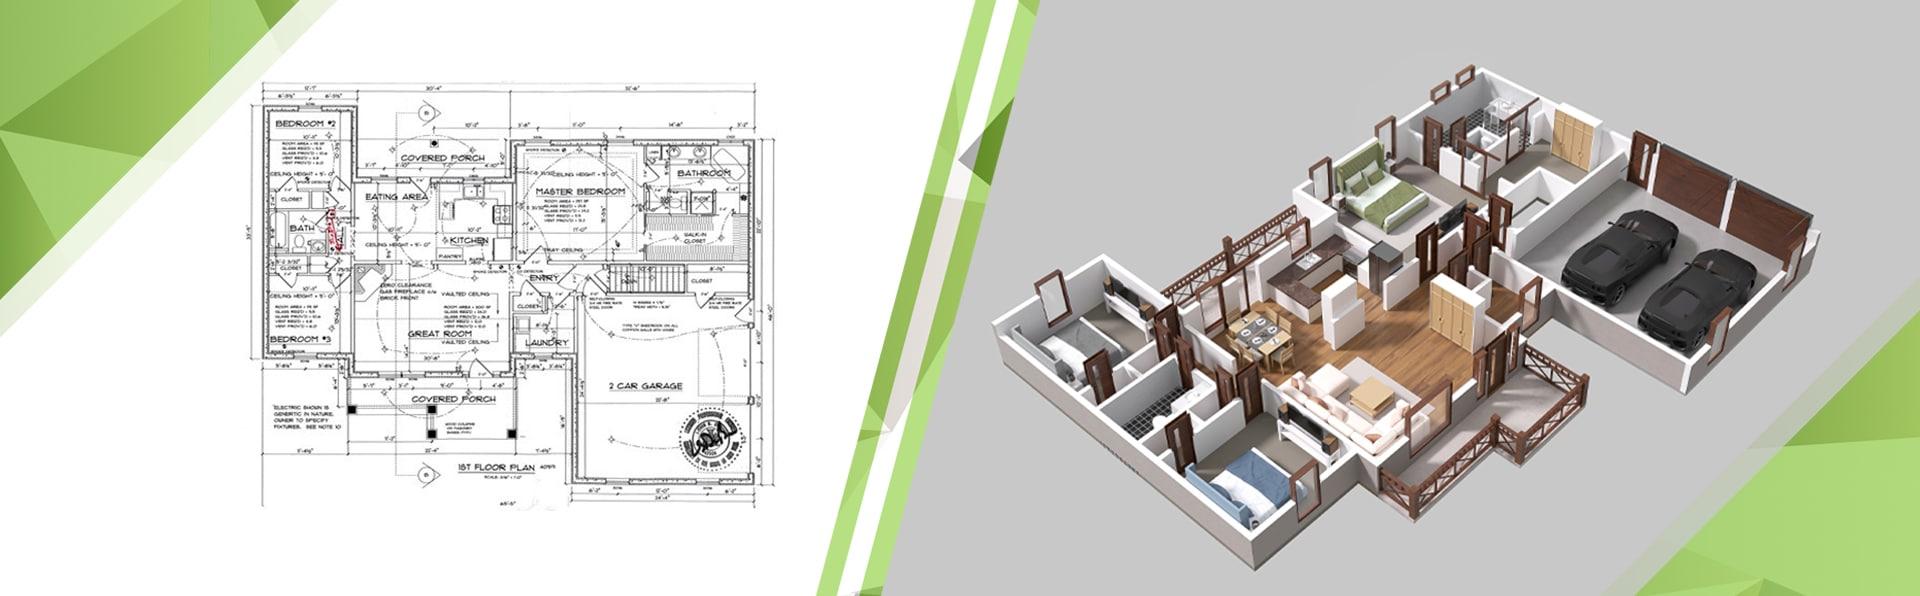 3d floor plan render day